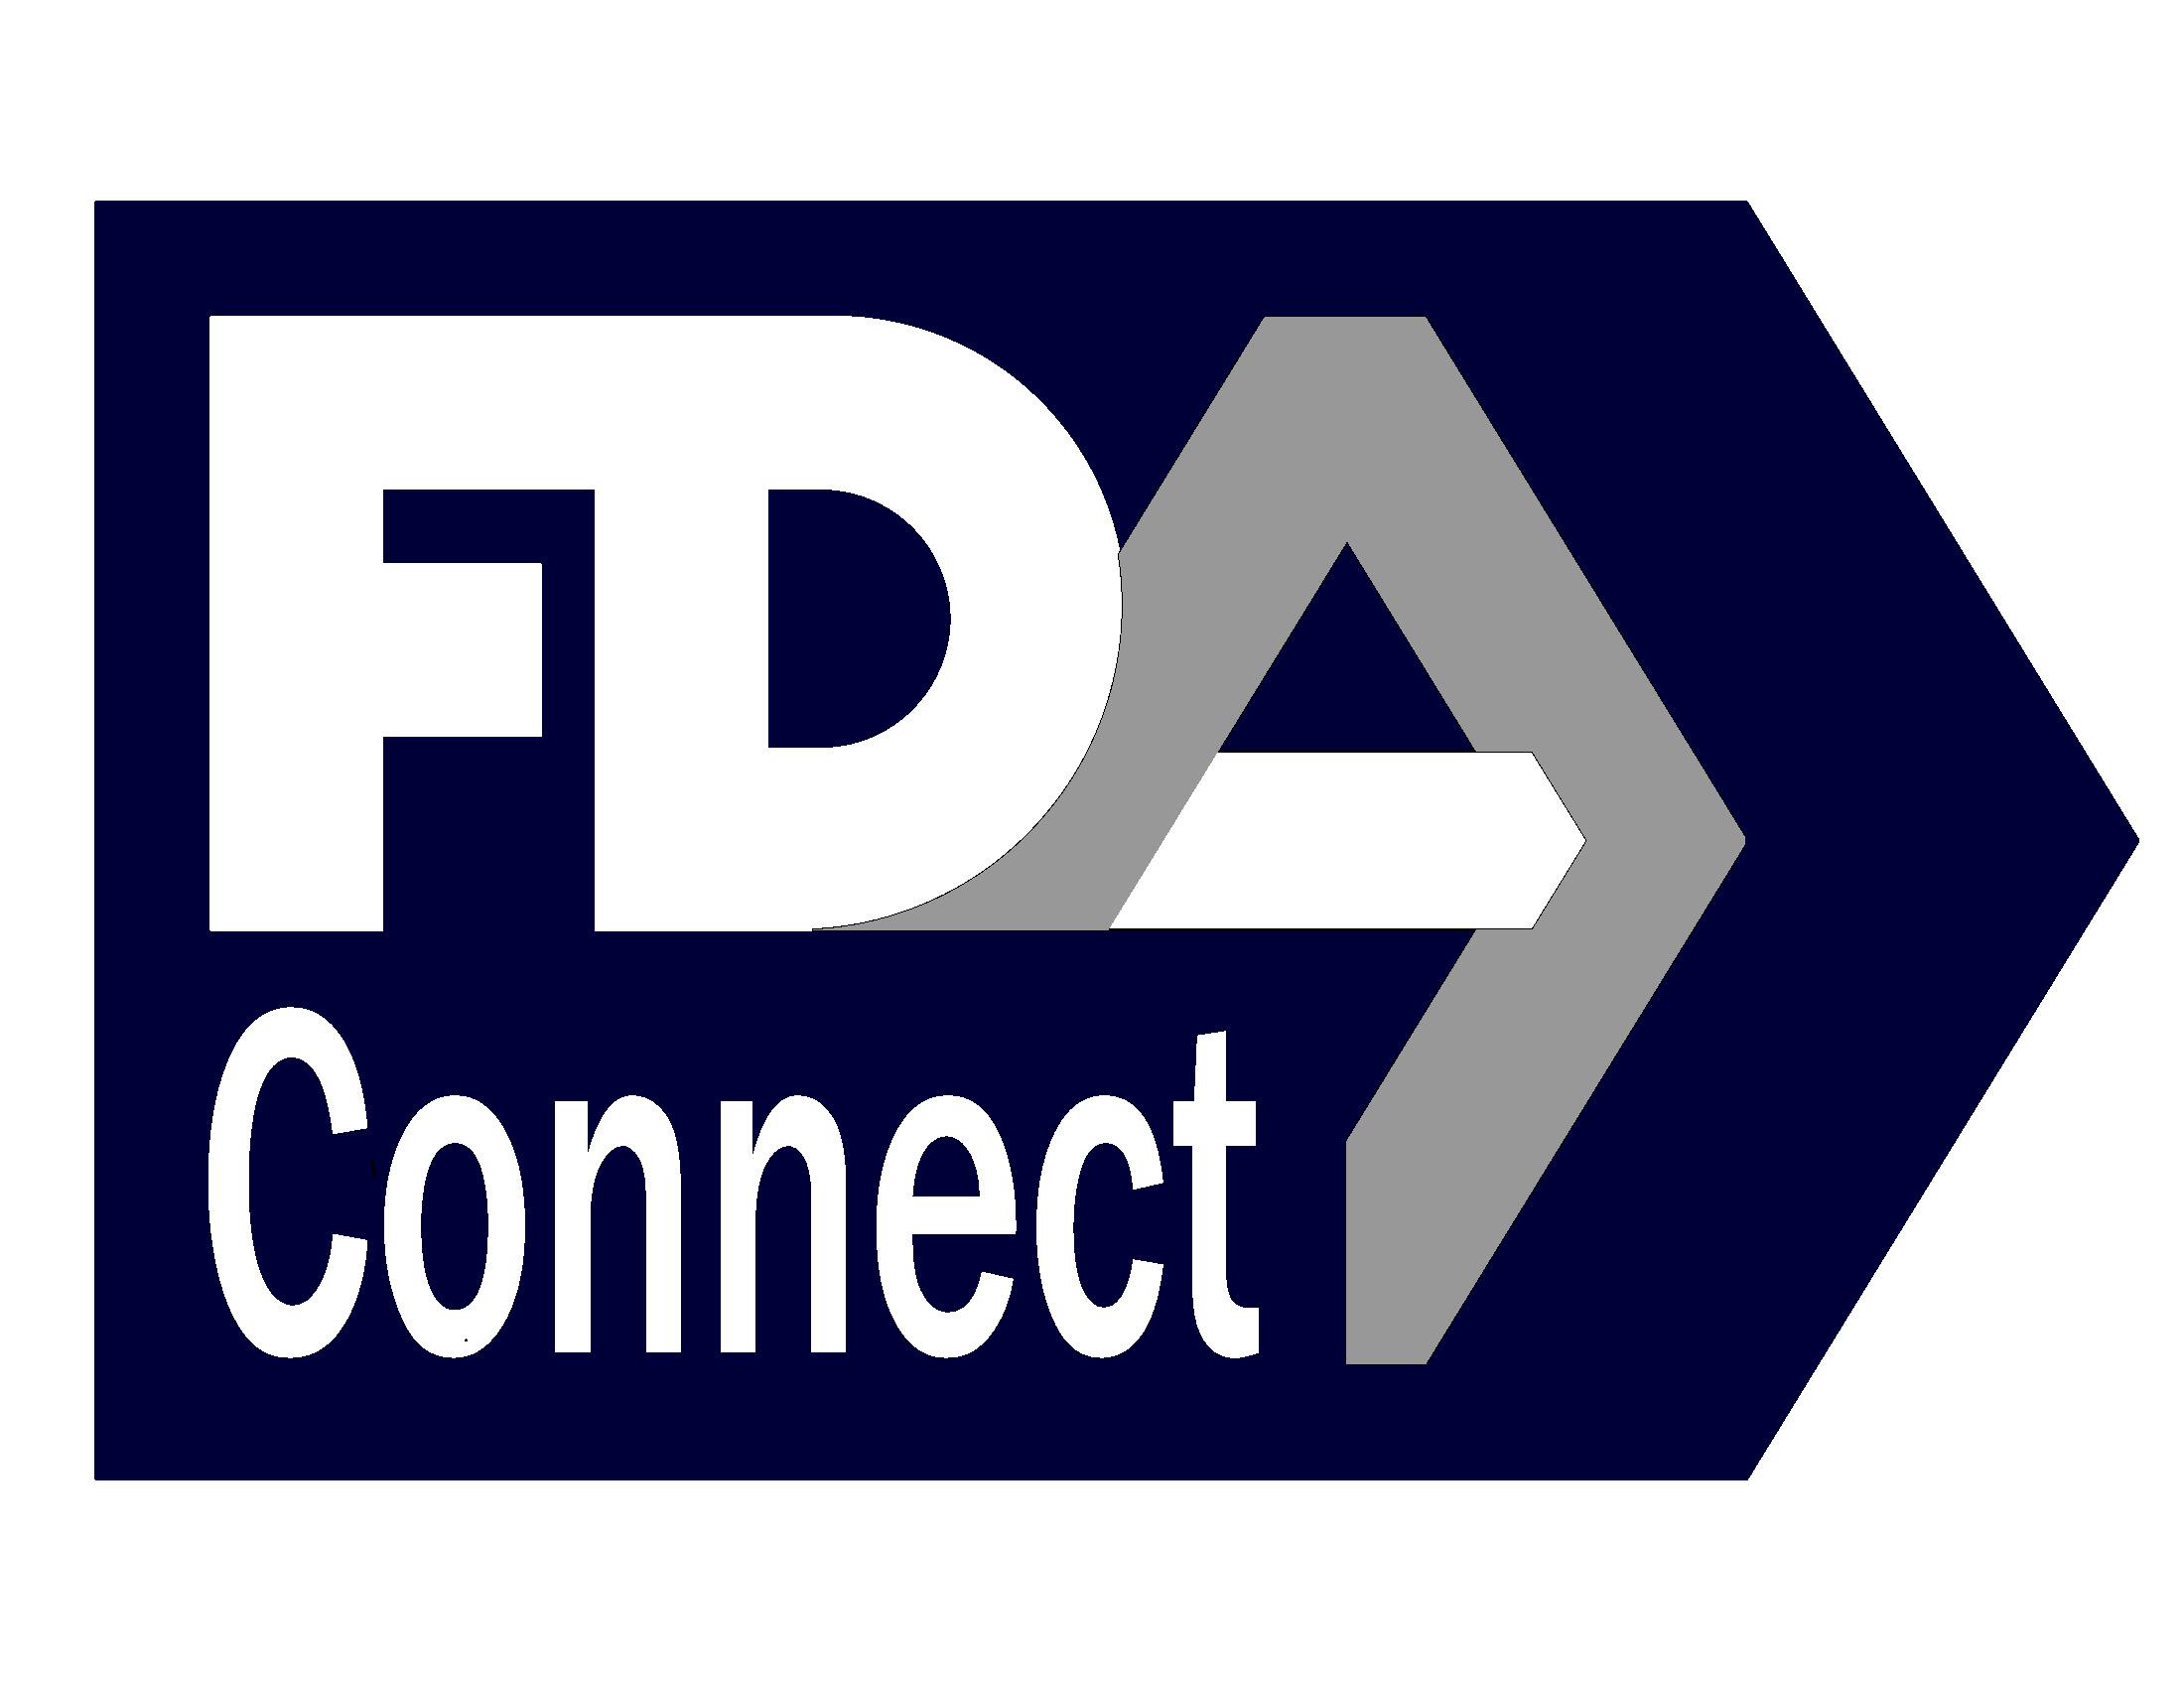 FDA Connect Logo by Dan Koplowitz.jpg